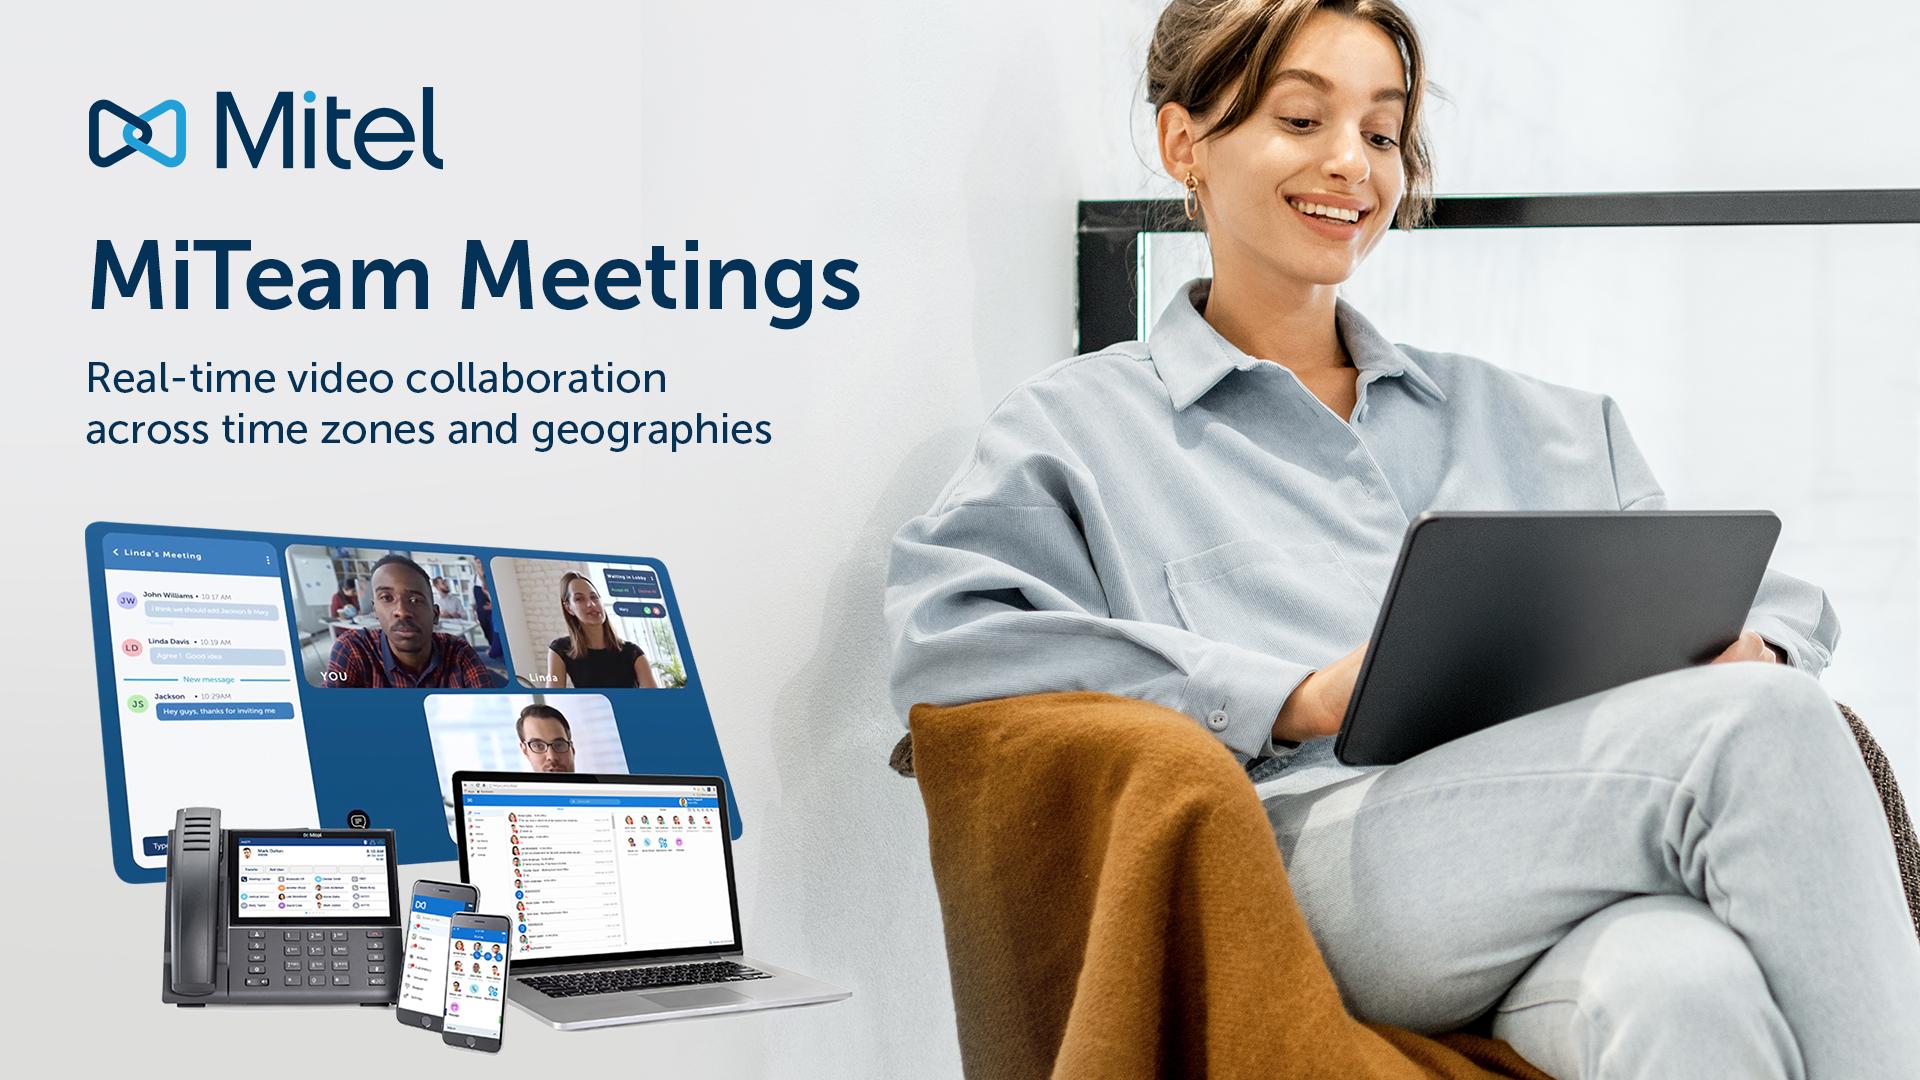 Mitel MiTeam Meetings